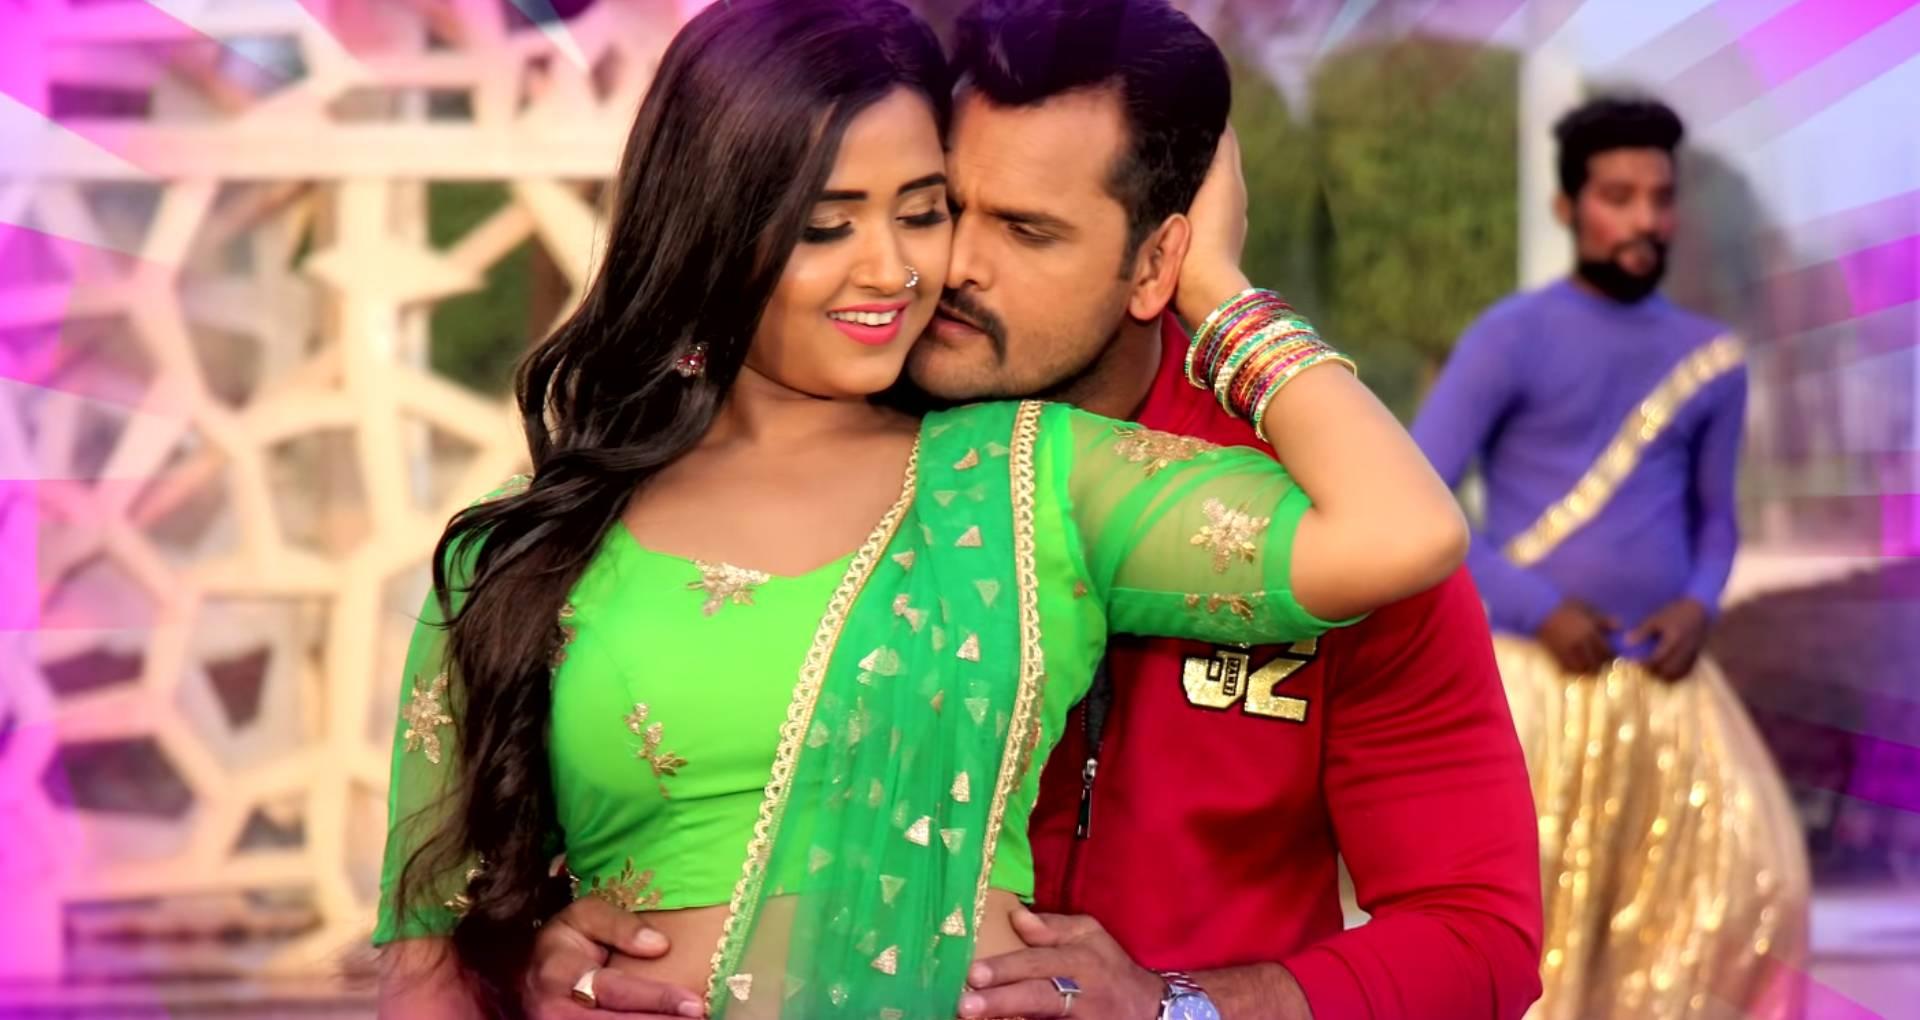 भोजपुरी फिल्म बागी का नया सॉन्ग लॉन्च, काजल राघवानी-खेसारी लाल यादव की रोमांटिक केमिस्ट्री से भरपूर है ये गाना